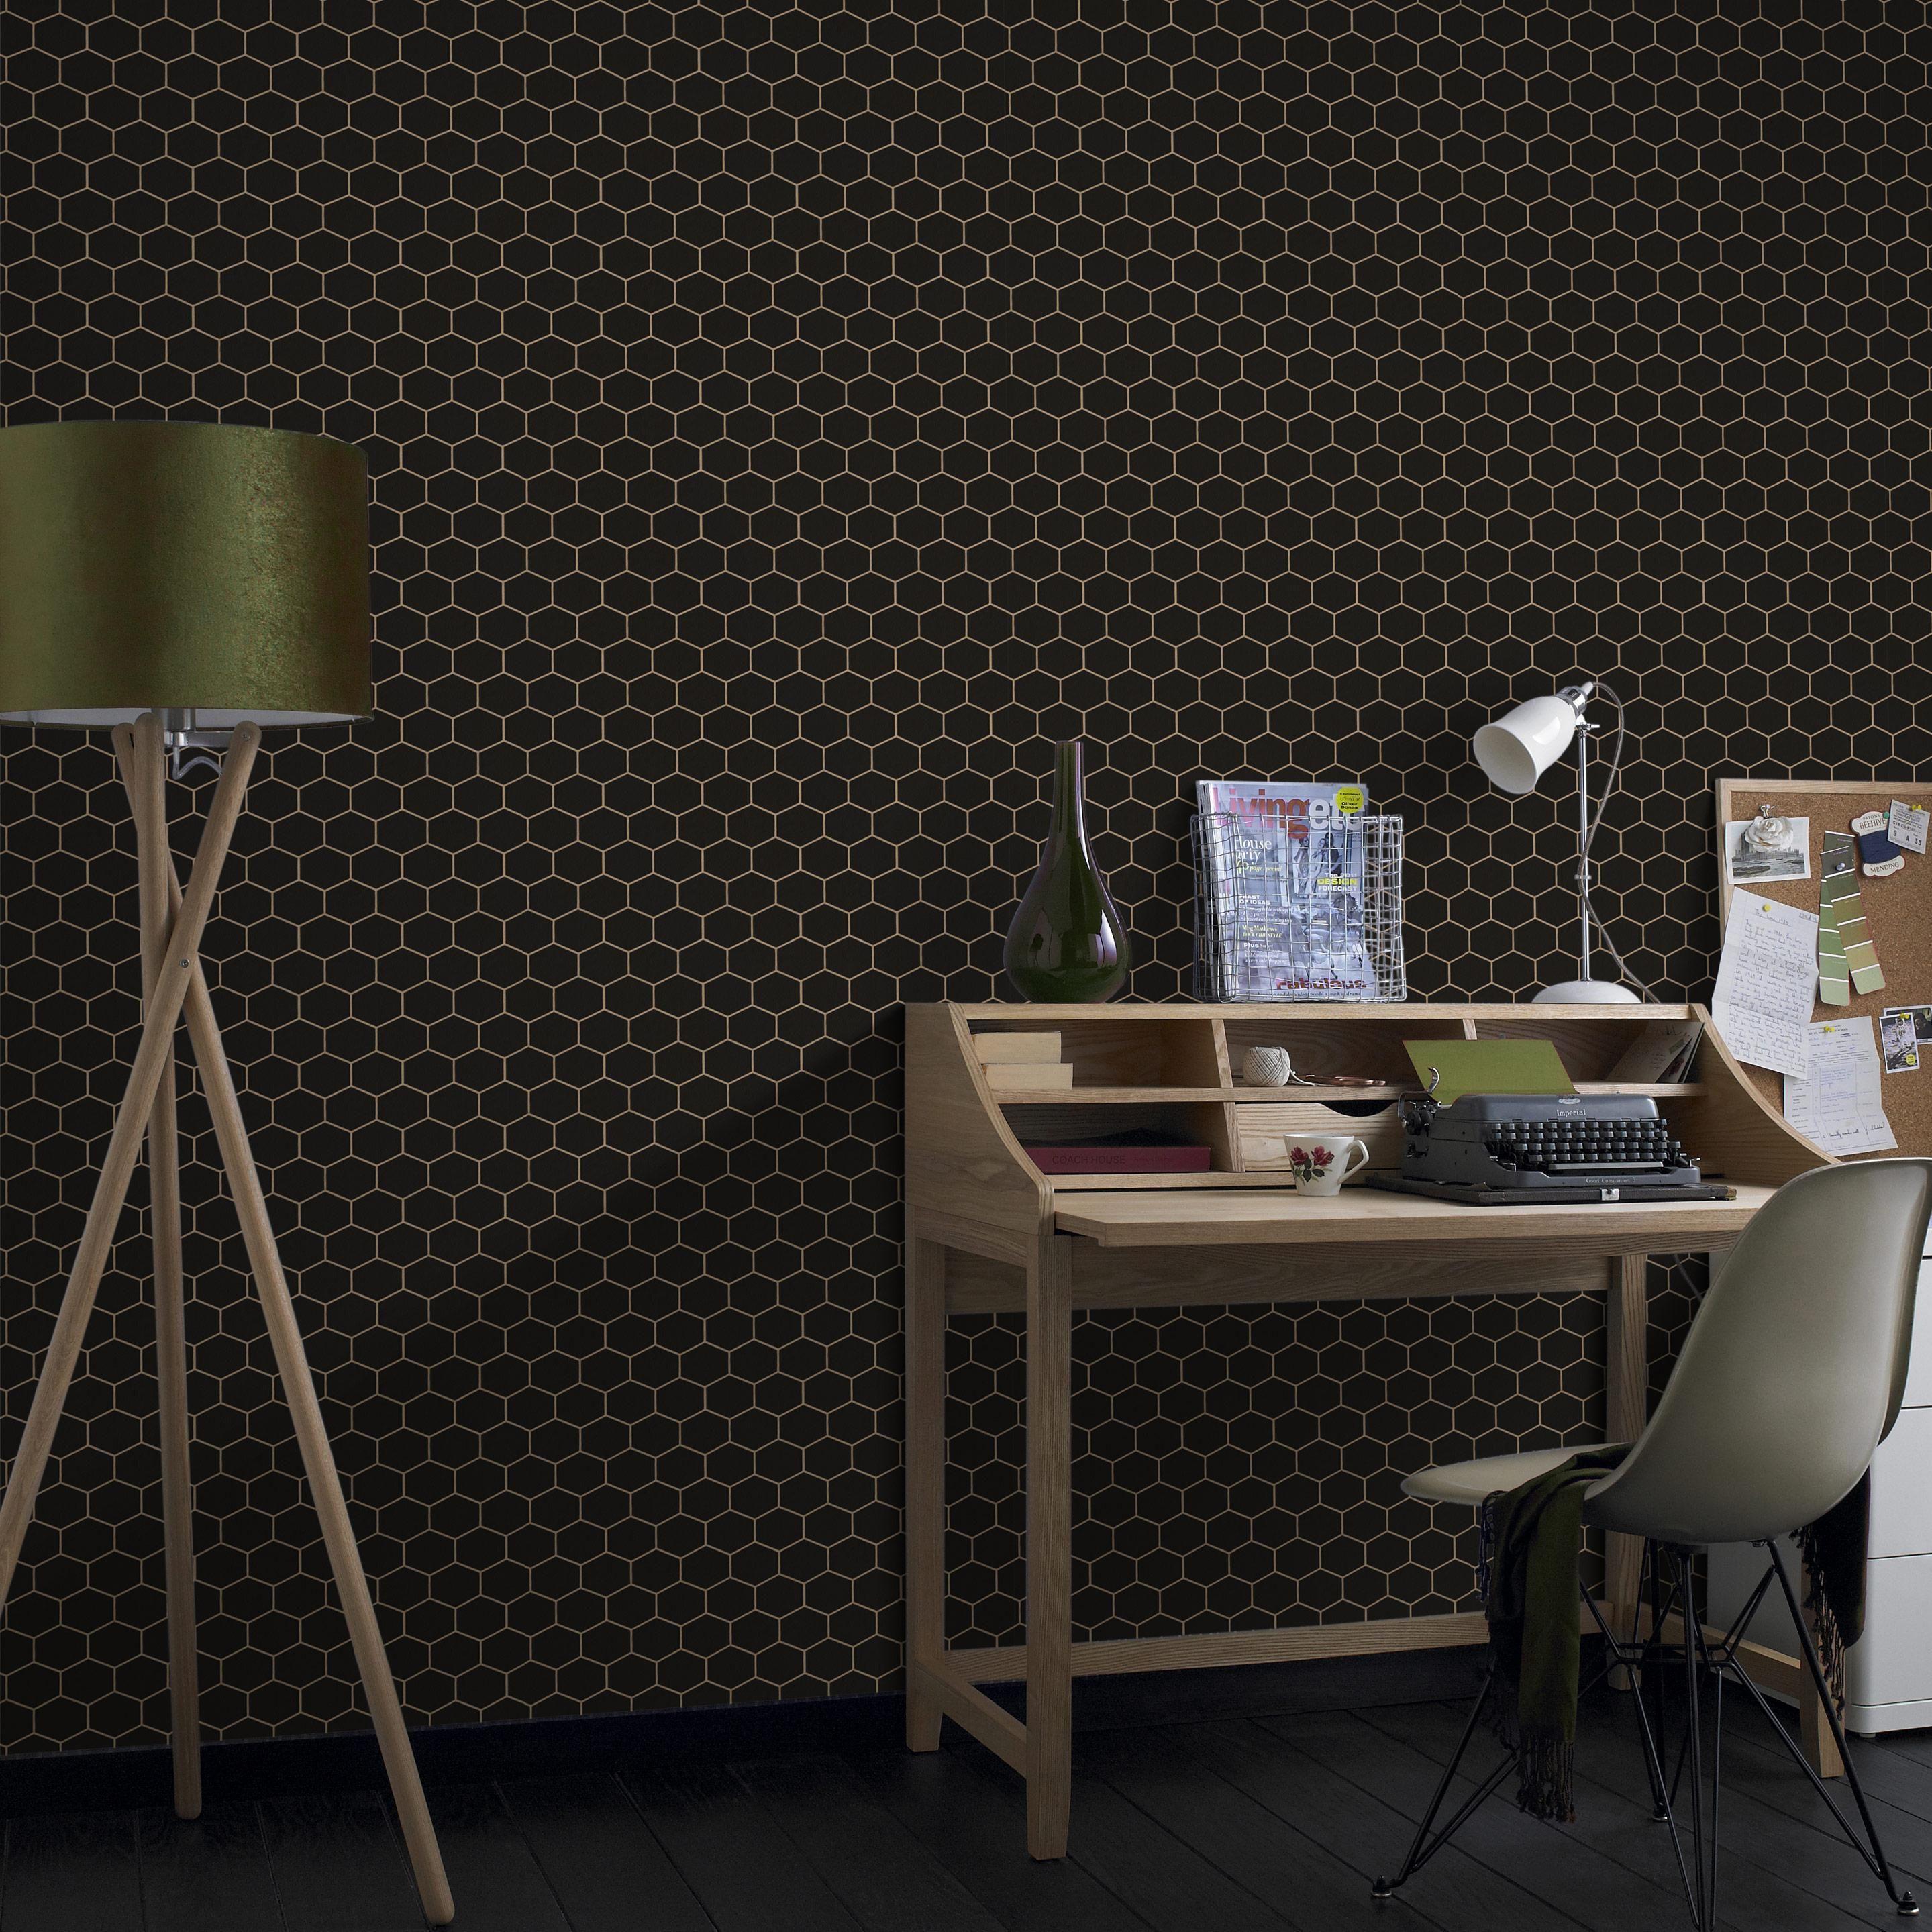 Papier Peint Vinyle Motif Hexagonal Dore Sur Fond Noir Leroy Merlin Papier Peint Vinyle Motif Hexagonal Papier Peint